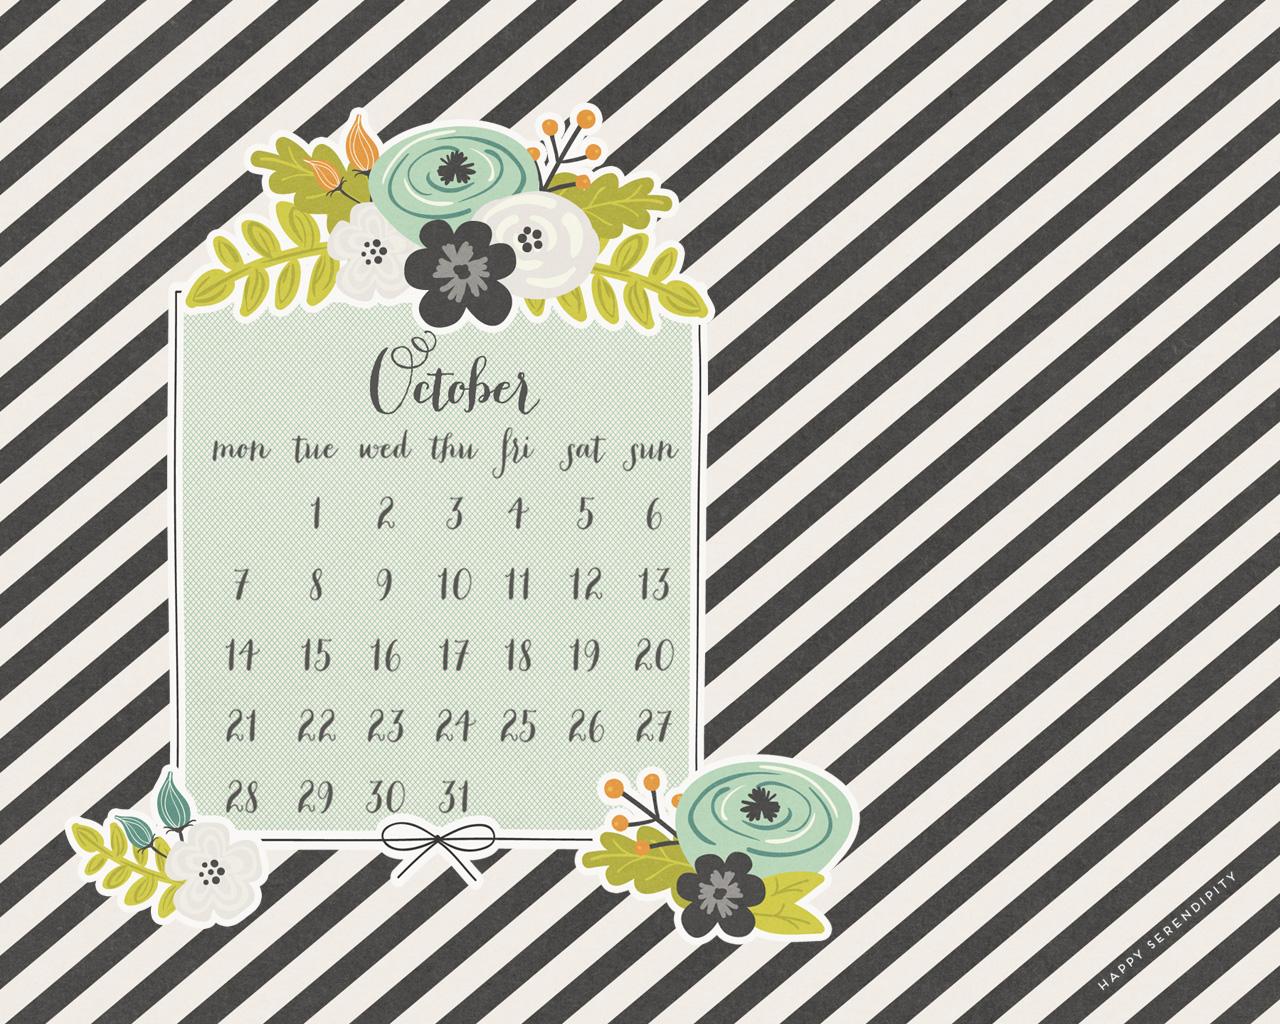 october 2013 desktop calendar